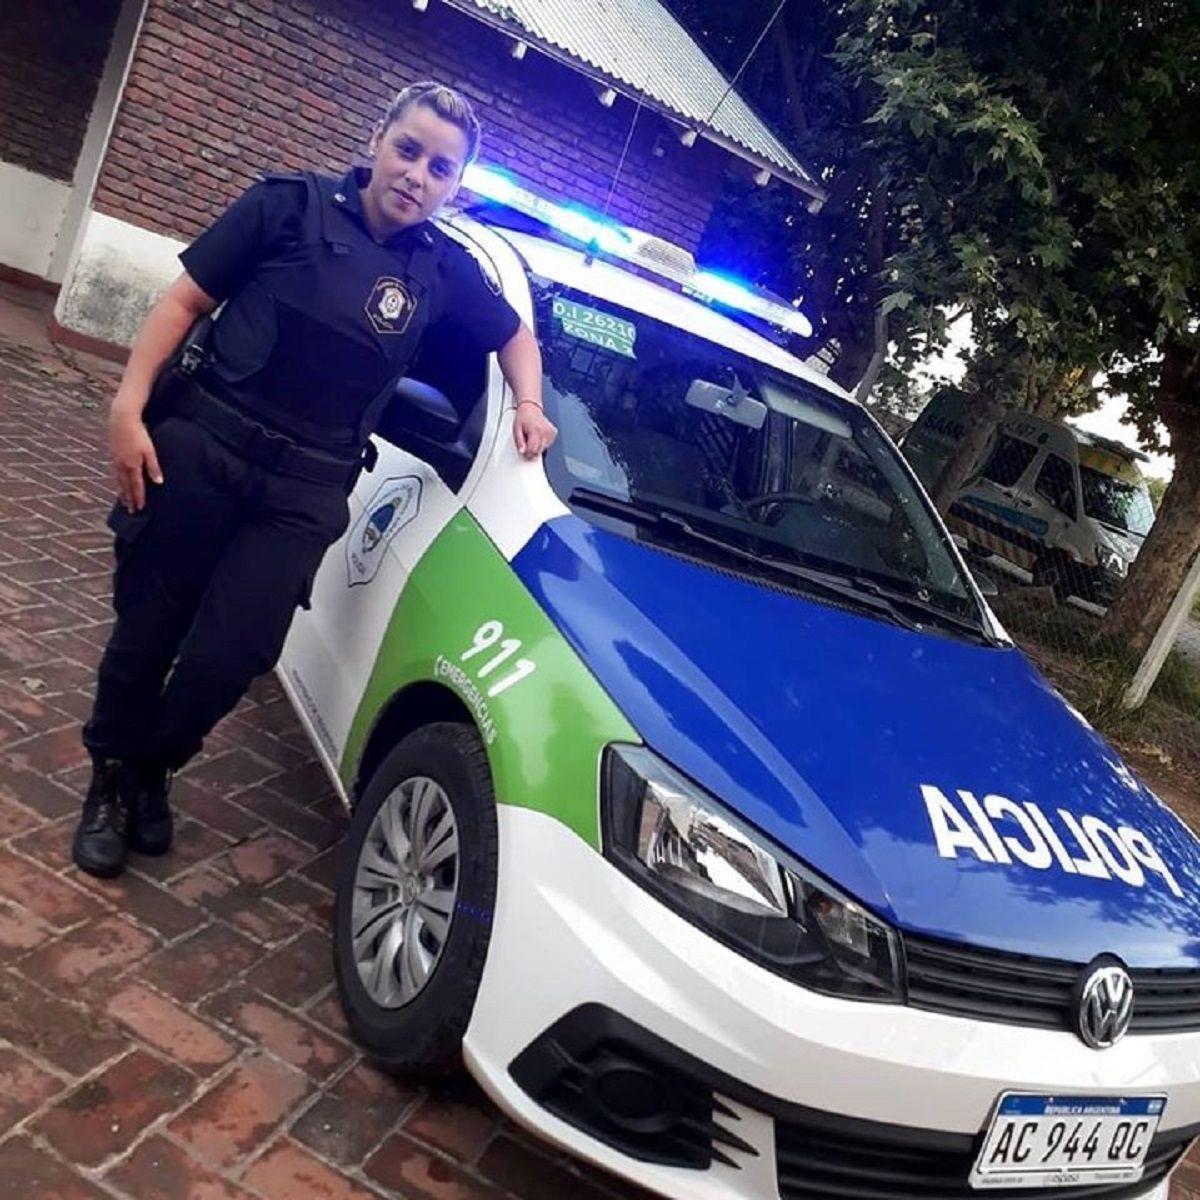 Policía bonaerense salvó a la beba de una mujer atropellada